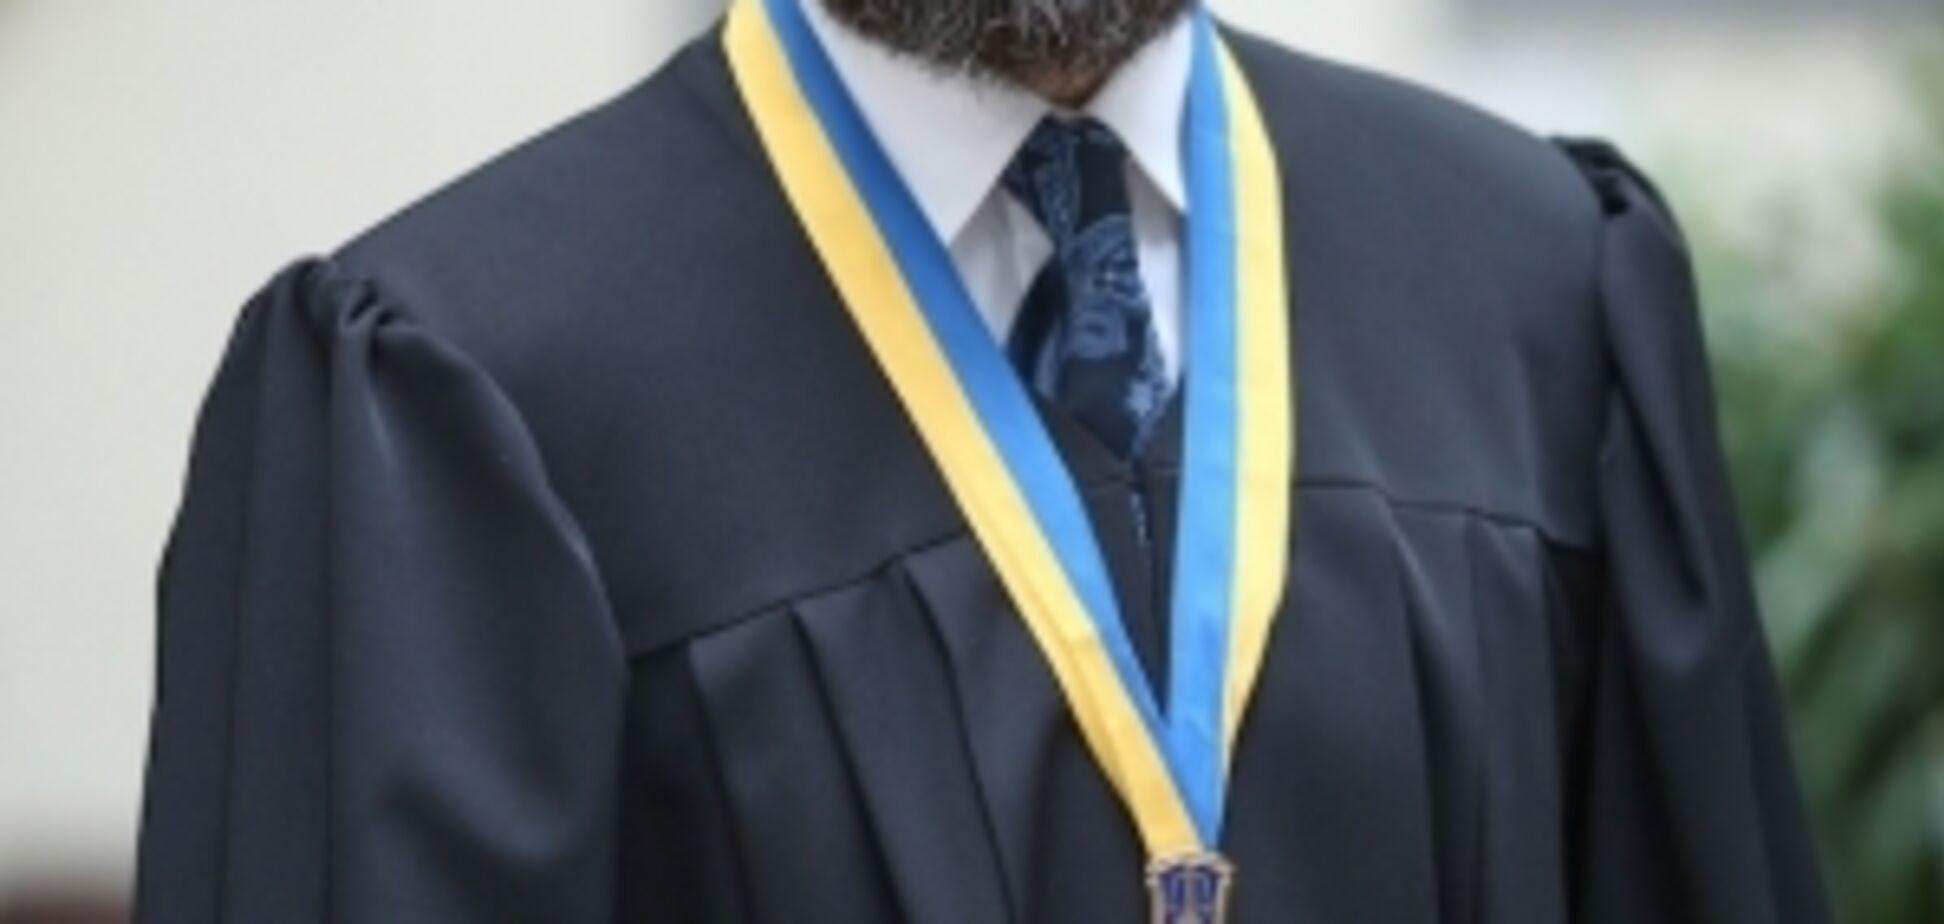 Скандального украинского судью-коррупционера поймали на финансировании ''ДНР''